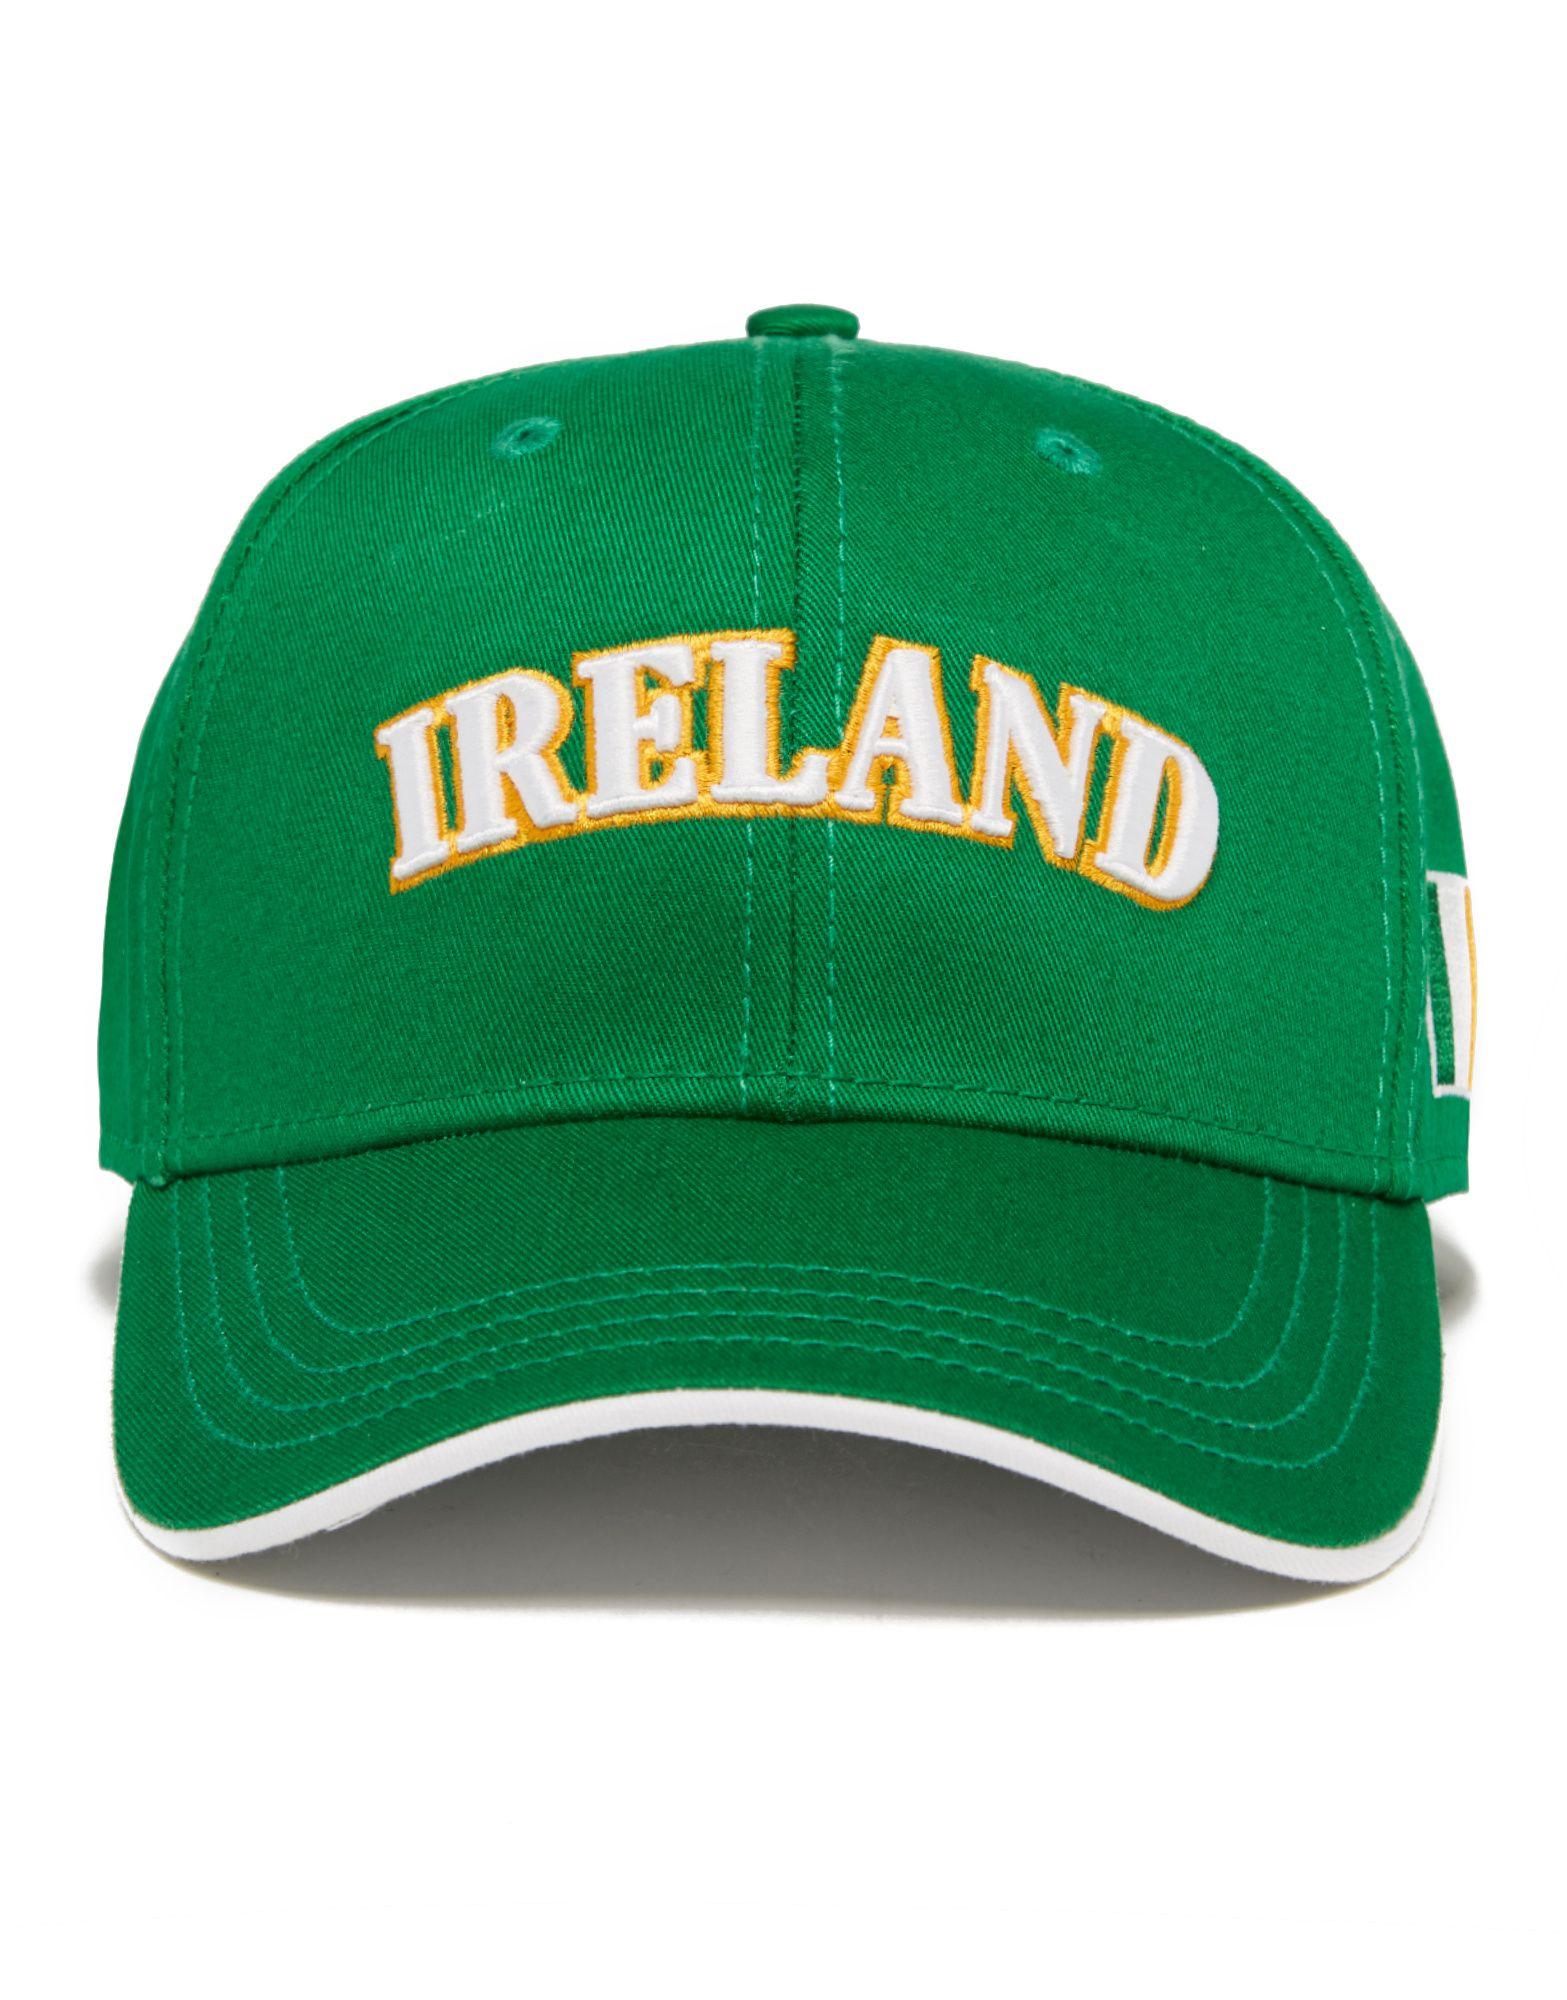 Official Team Casquette Irlande